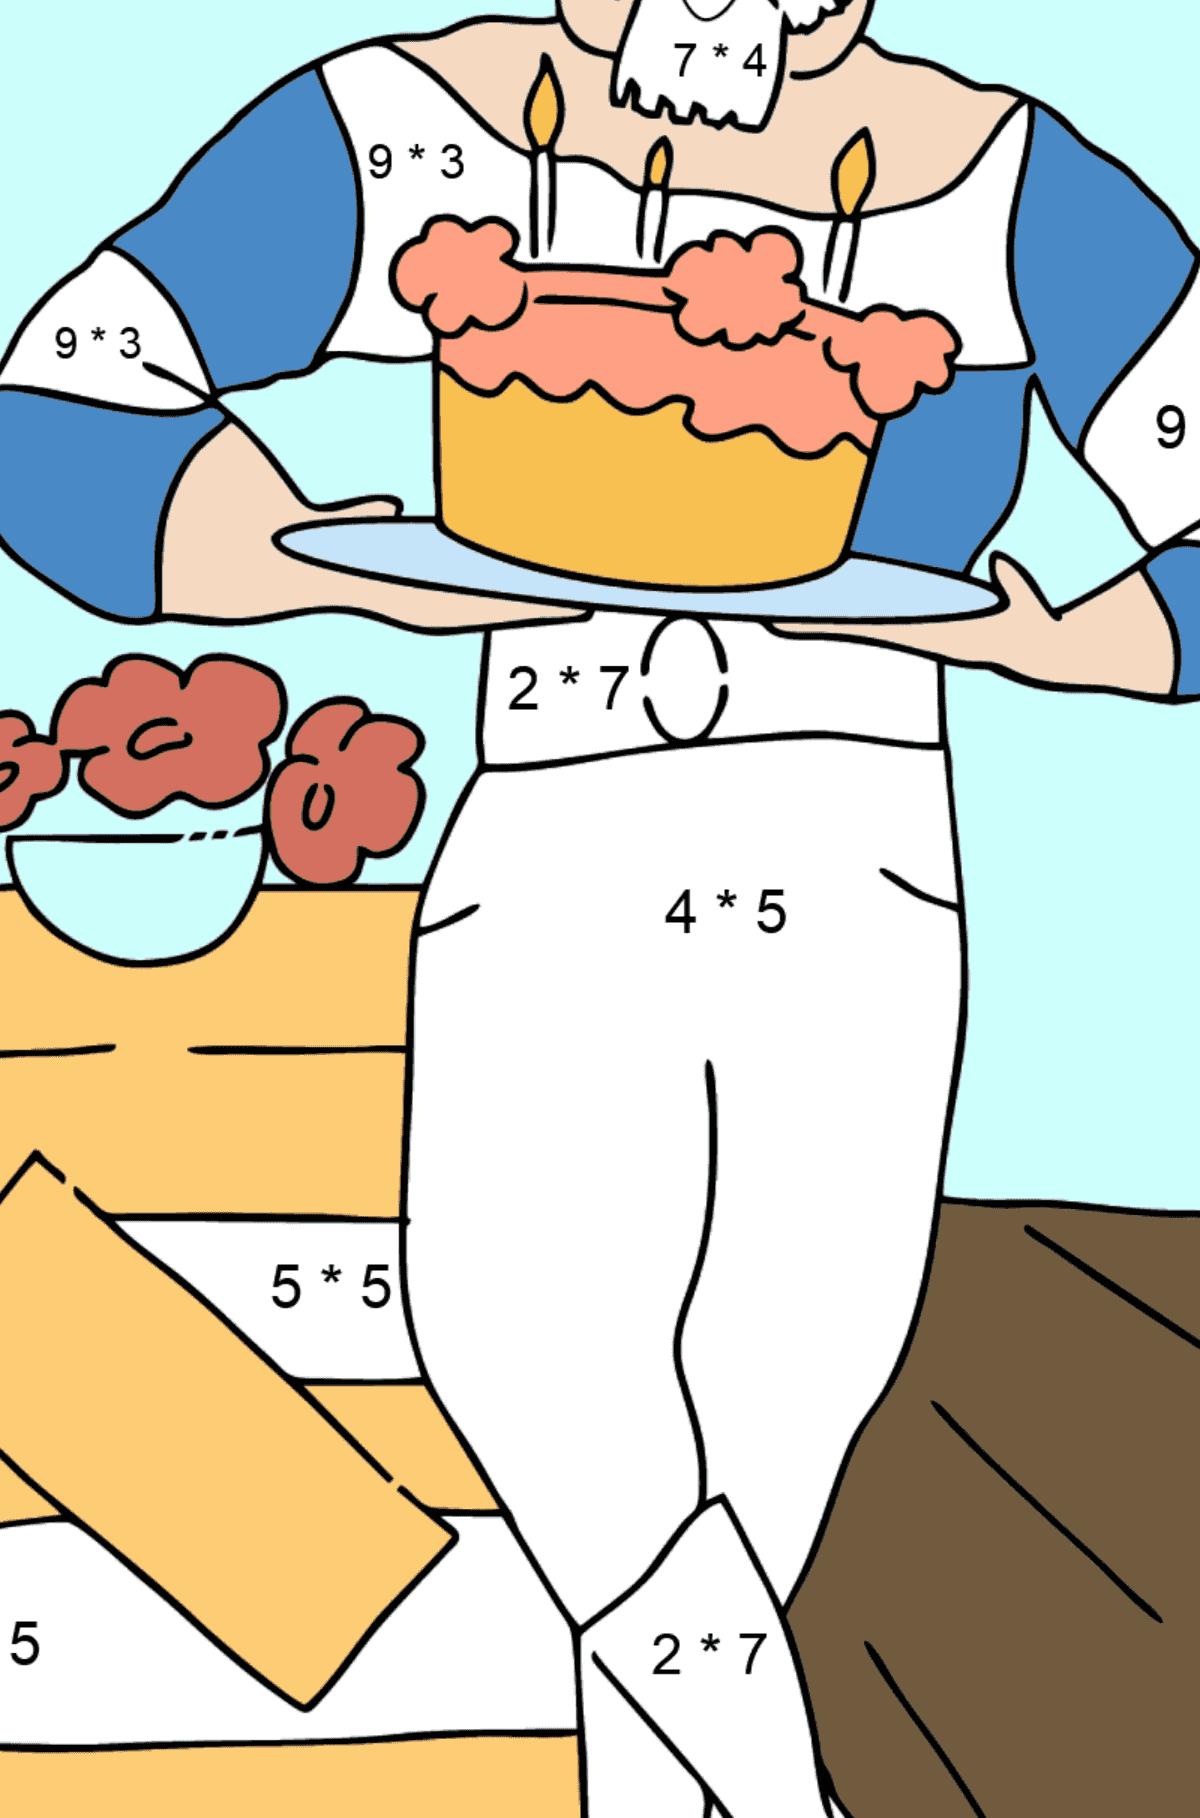 Раскраска пират ждет гостей - Математическая Раскраска - Умножение для Детей